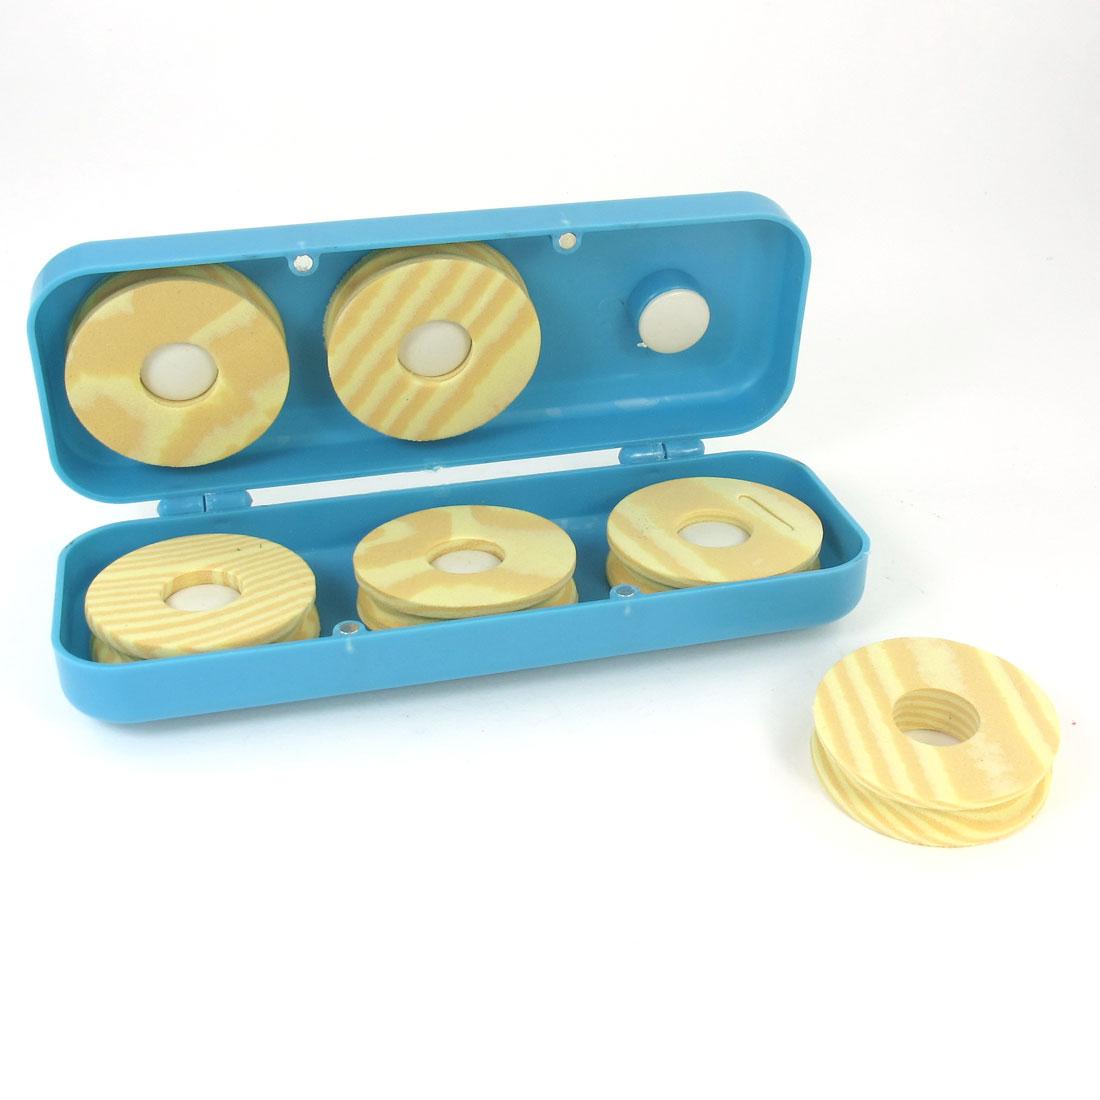 6 Pcs Beige Fishing Line Foam Roller Spool w Blue Plastic Rectangle Case